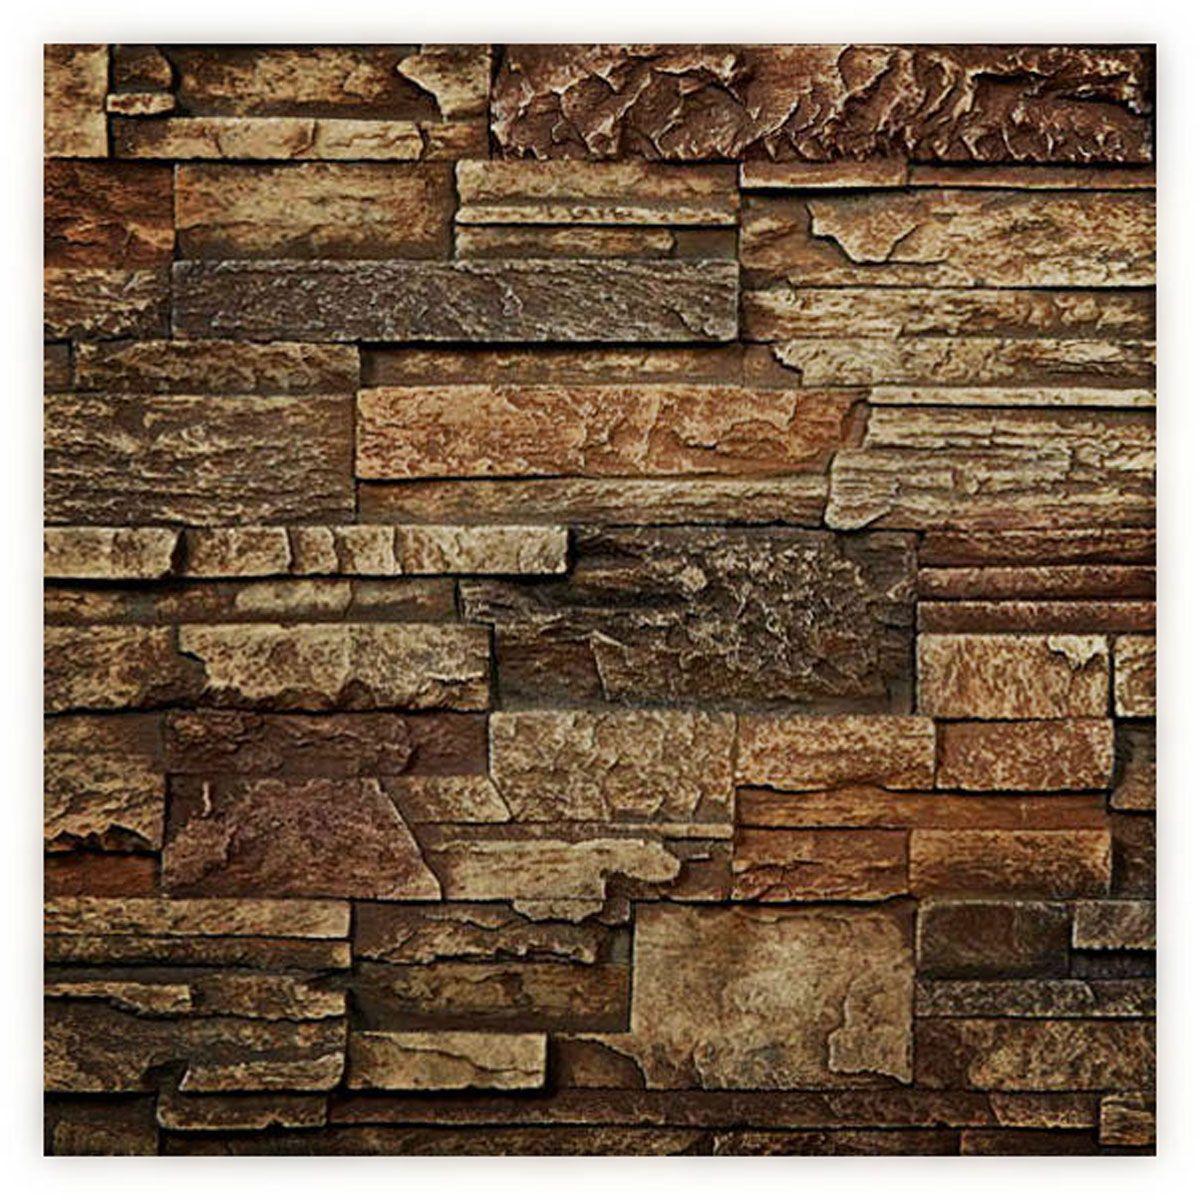 6 W X 6 H Dry Stack Endurathane Faux Stone Siding Panel Sample Limestone 14 9900 Faux Stone Siding Stone Siding Panels Faux Stone Walls